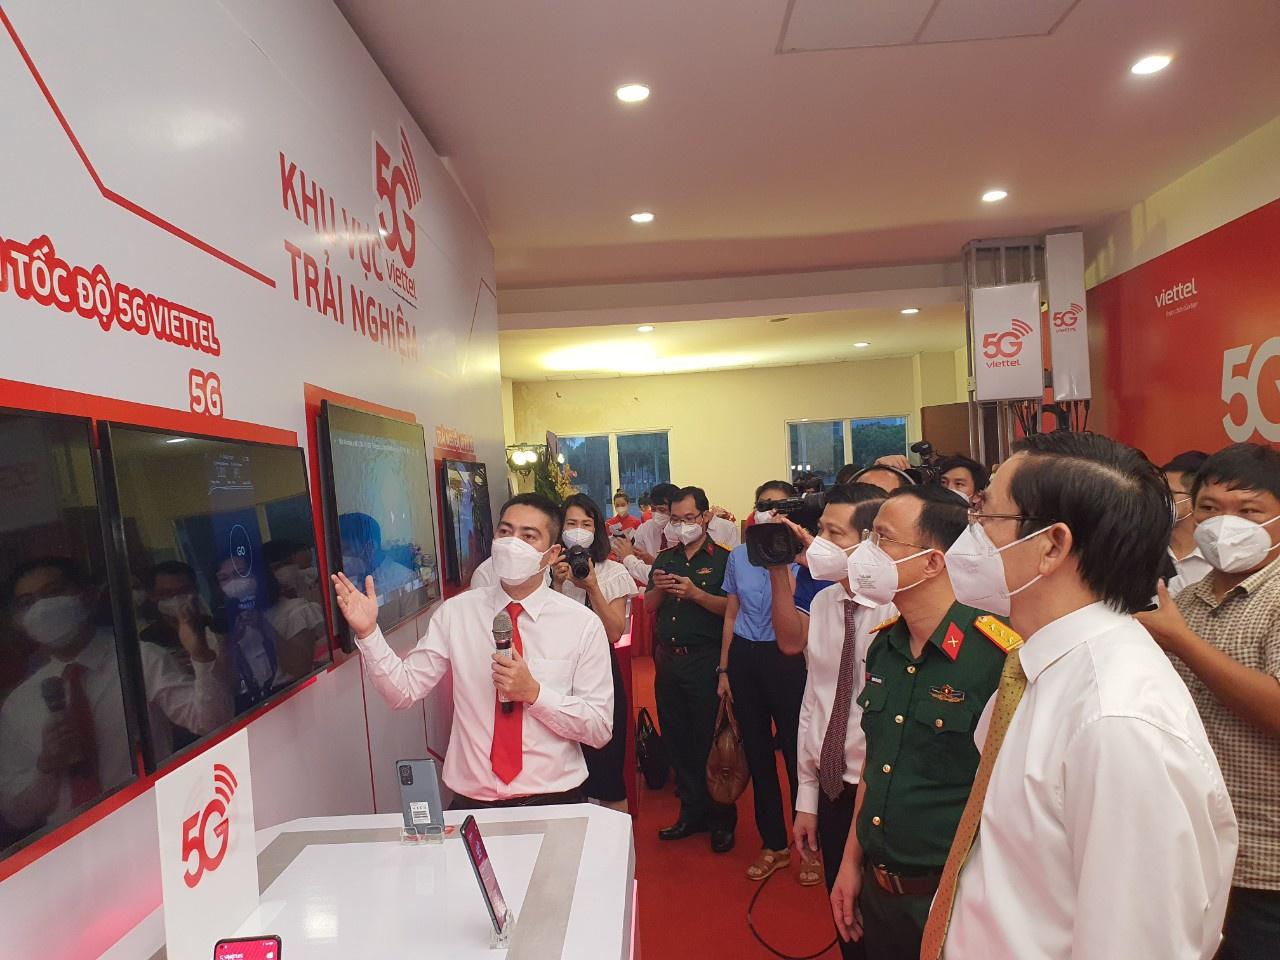 Viettel phủ sóng 5G tại Bà Rịa-Vũng Tàu